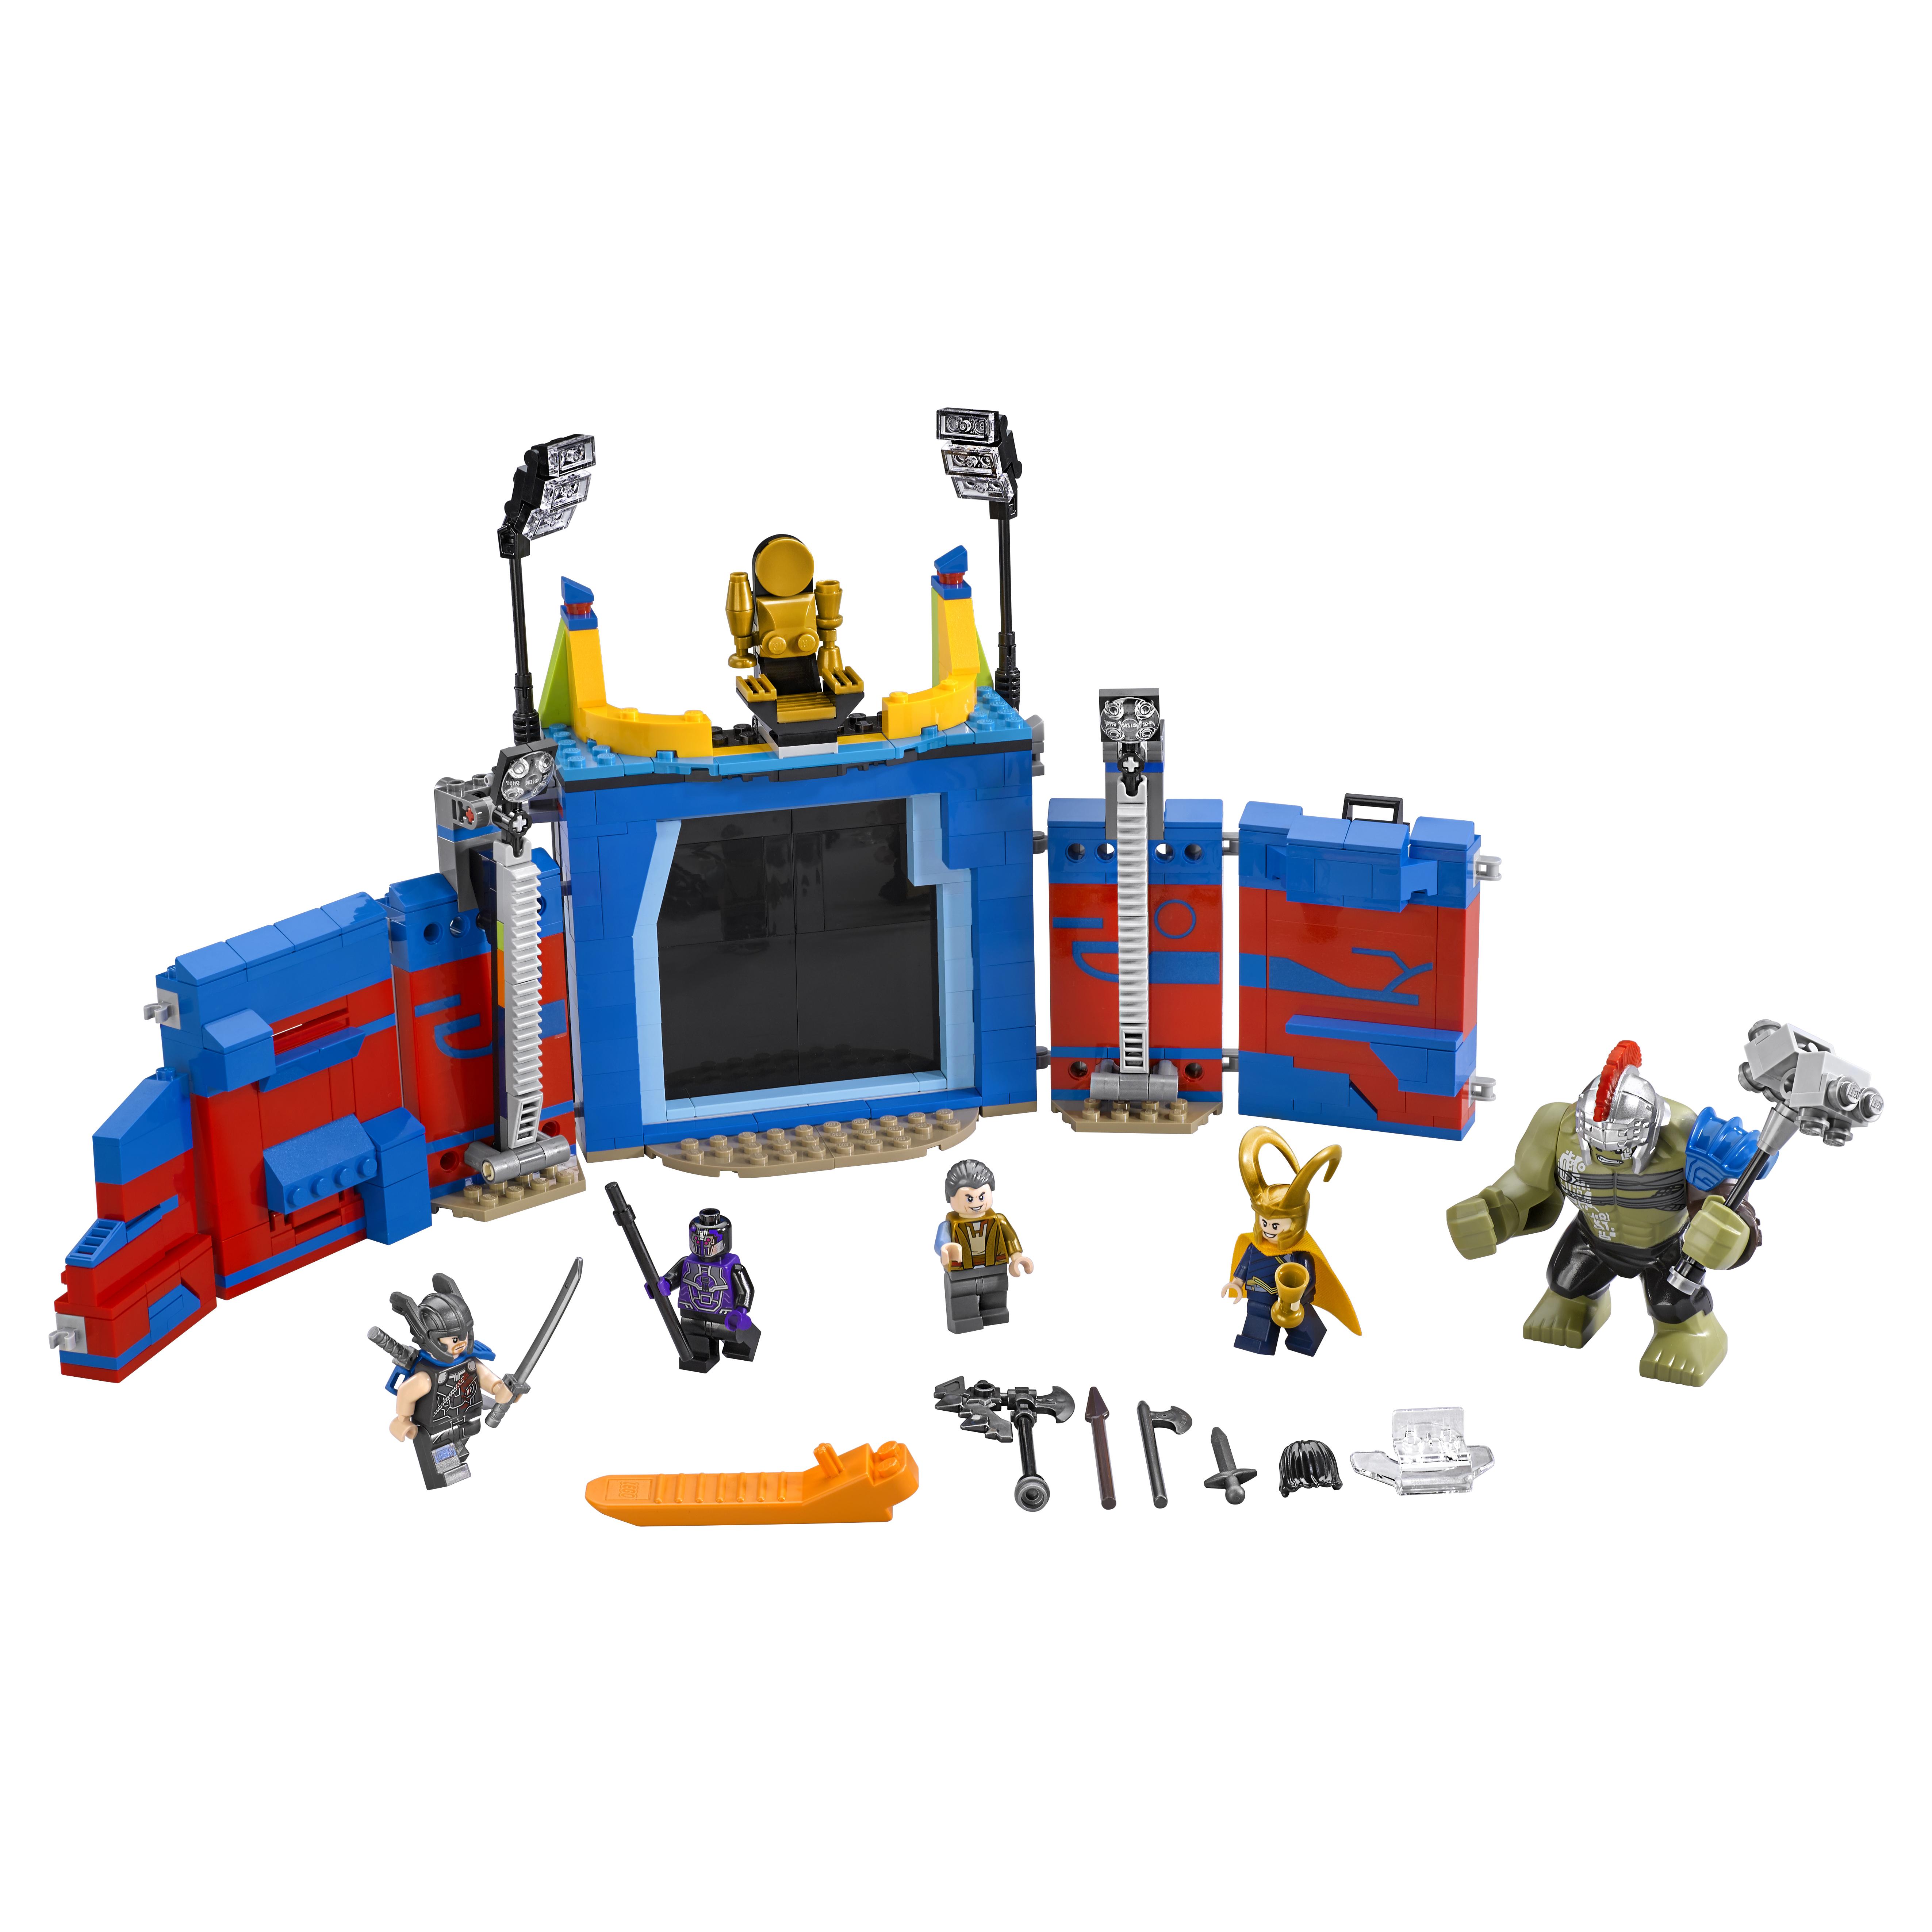 Конструктор LEGO Super Heroes Тор против Халка: Бой на арене (76088)